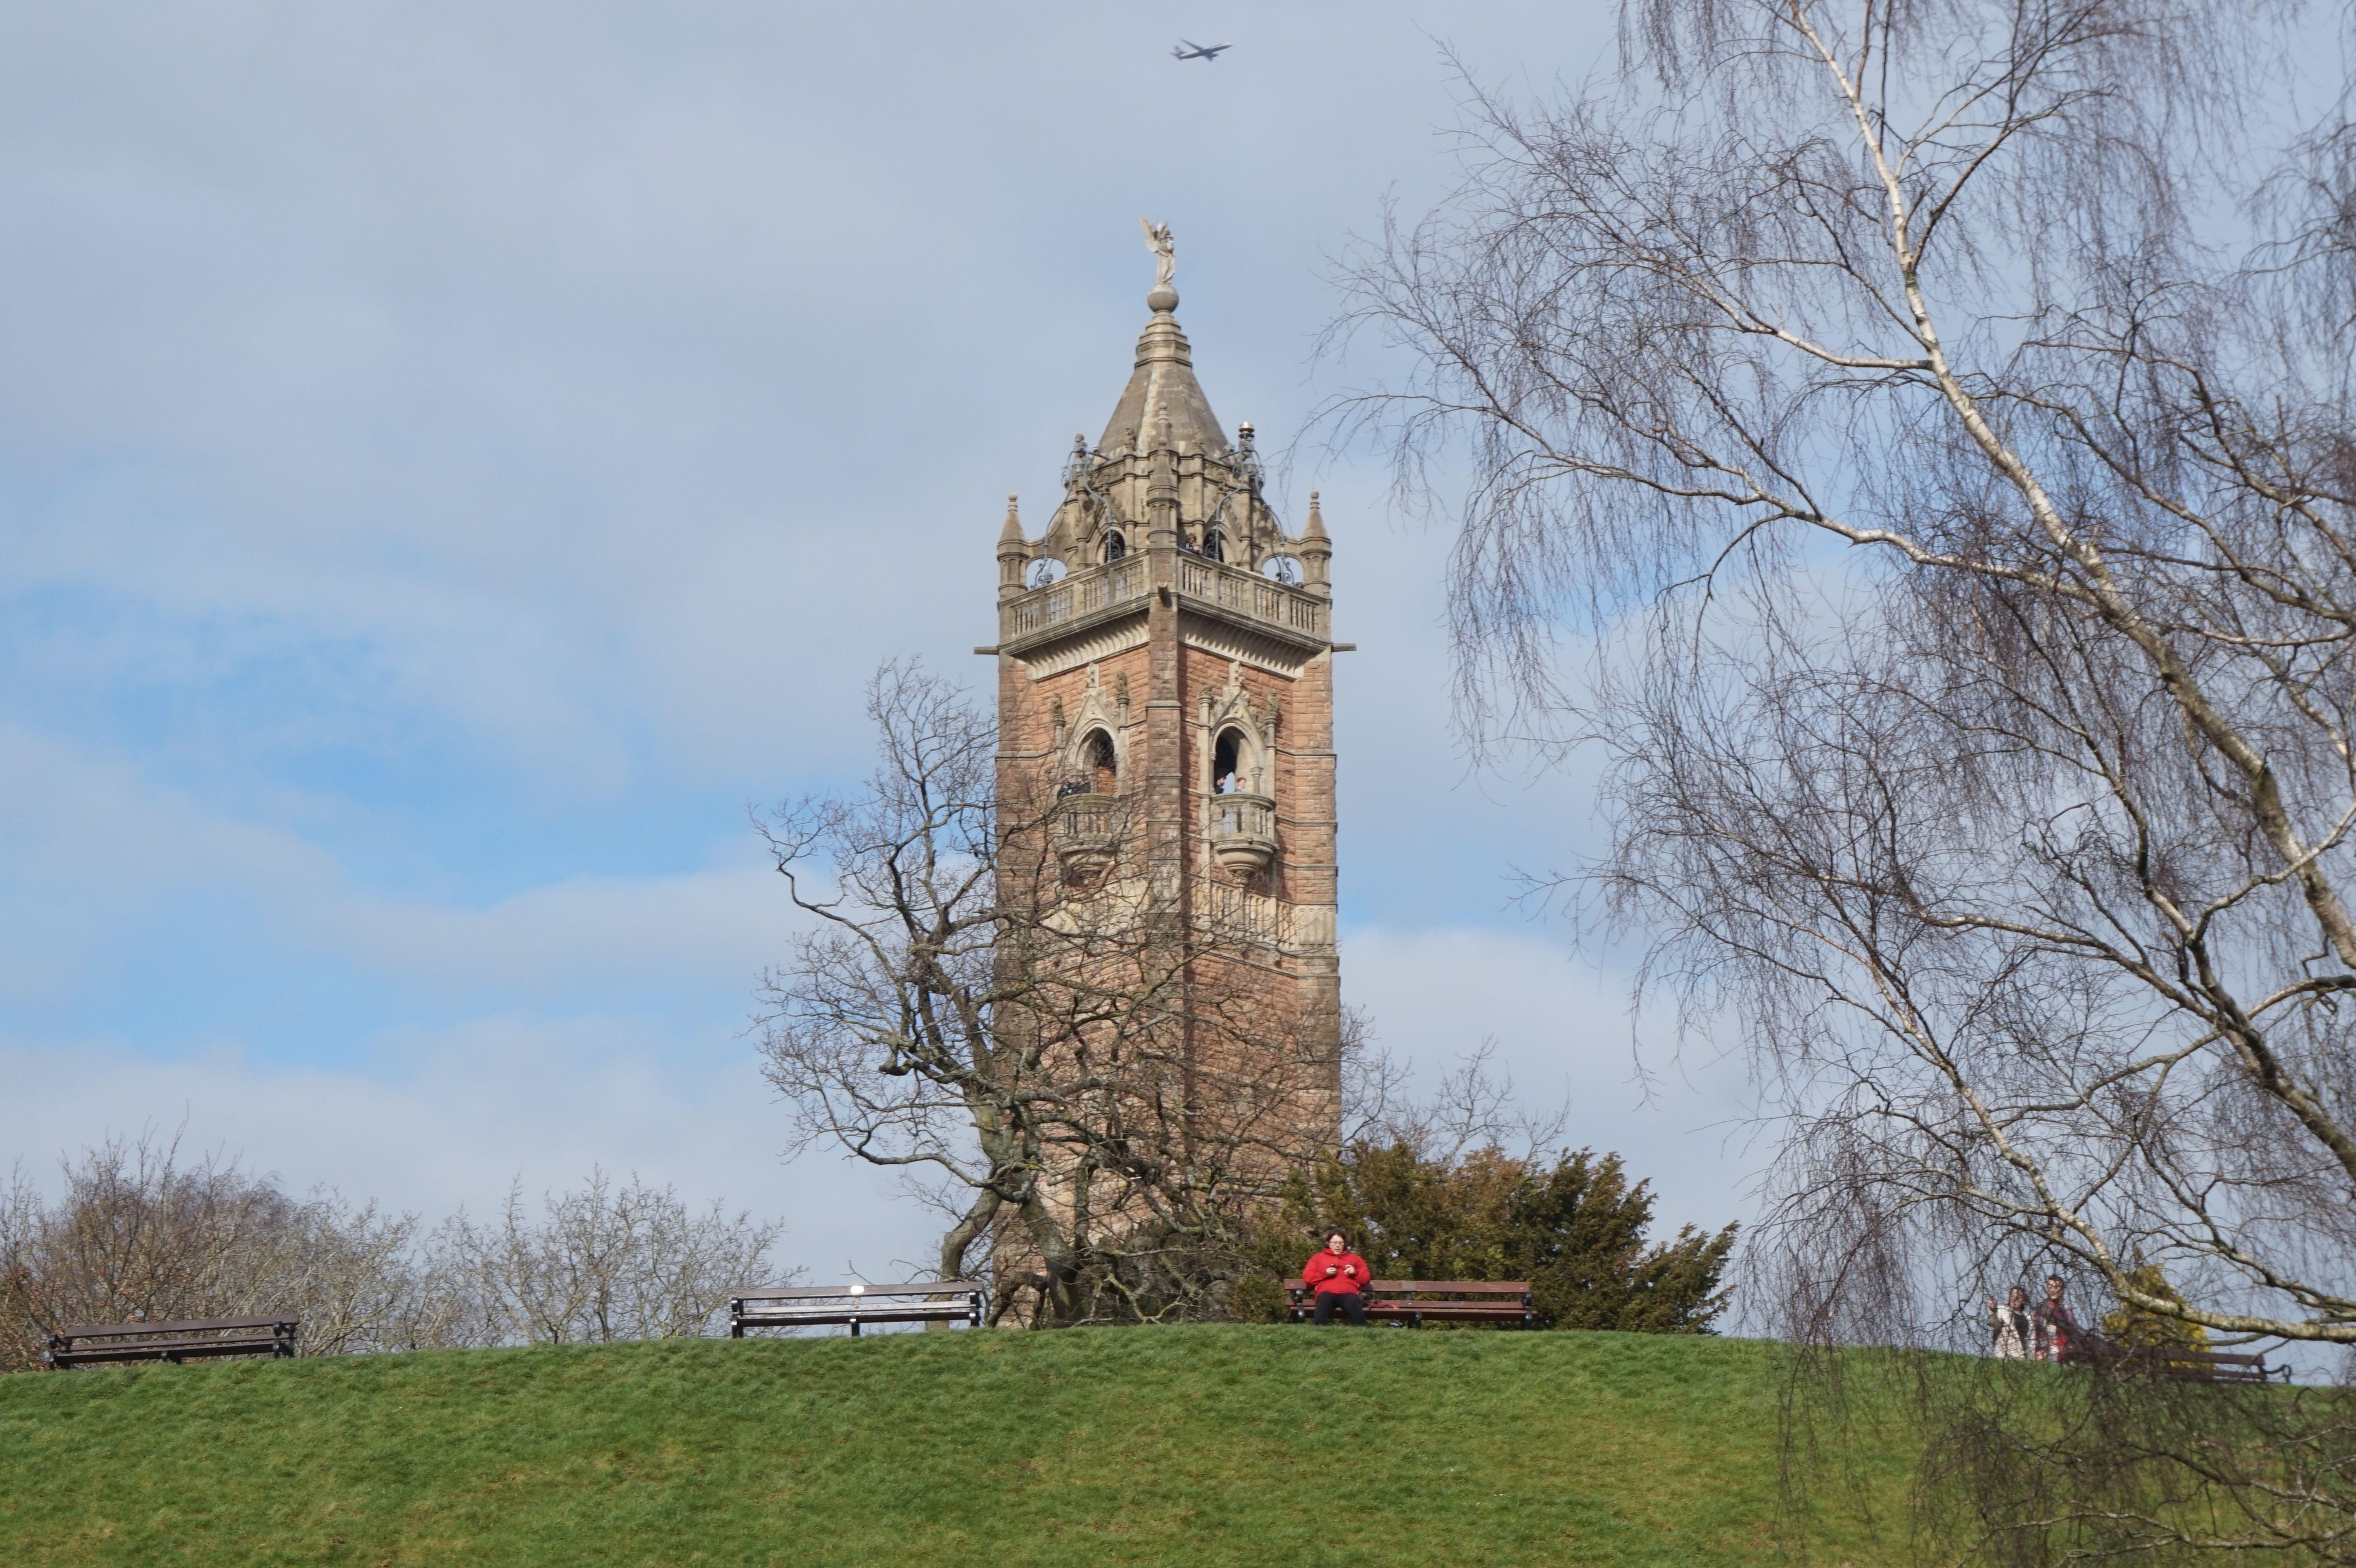 Hoog bovenop Brandon Hill (het oudste park van Bristol) staat de Cabot Tower. Deze 32 meter hoge toren is gebouwd in 1897.